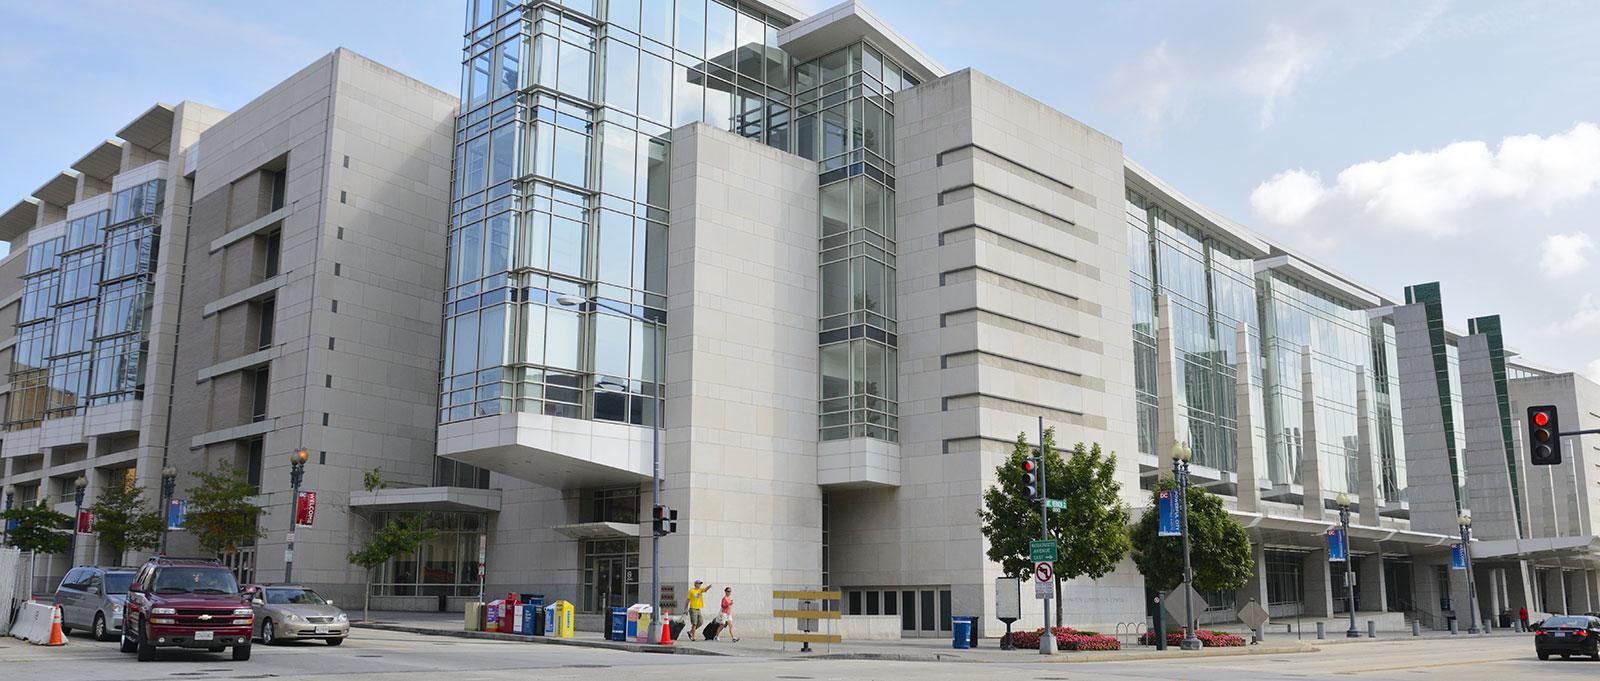 Walter E. Washington Convention Center, DC